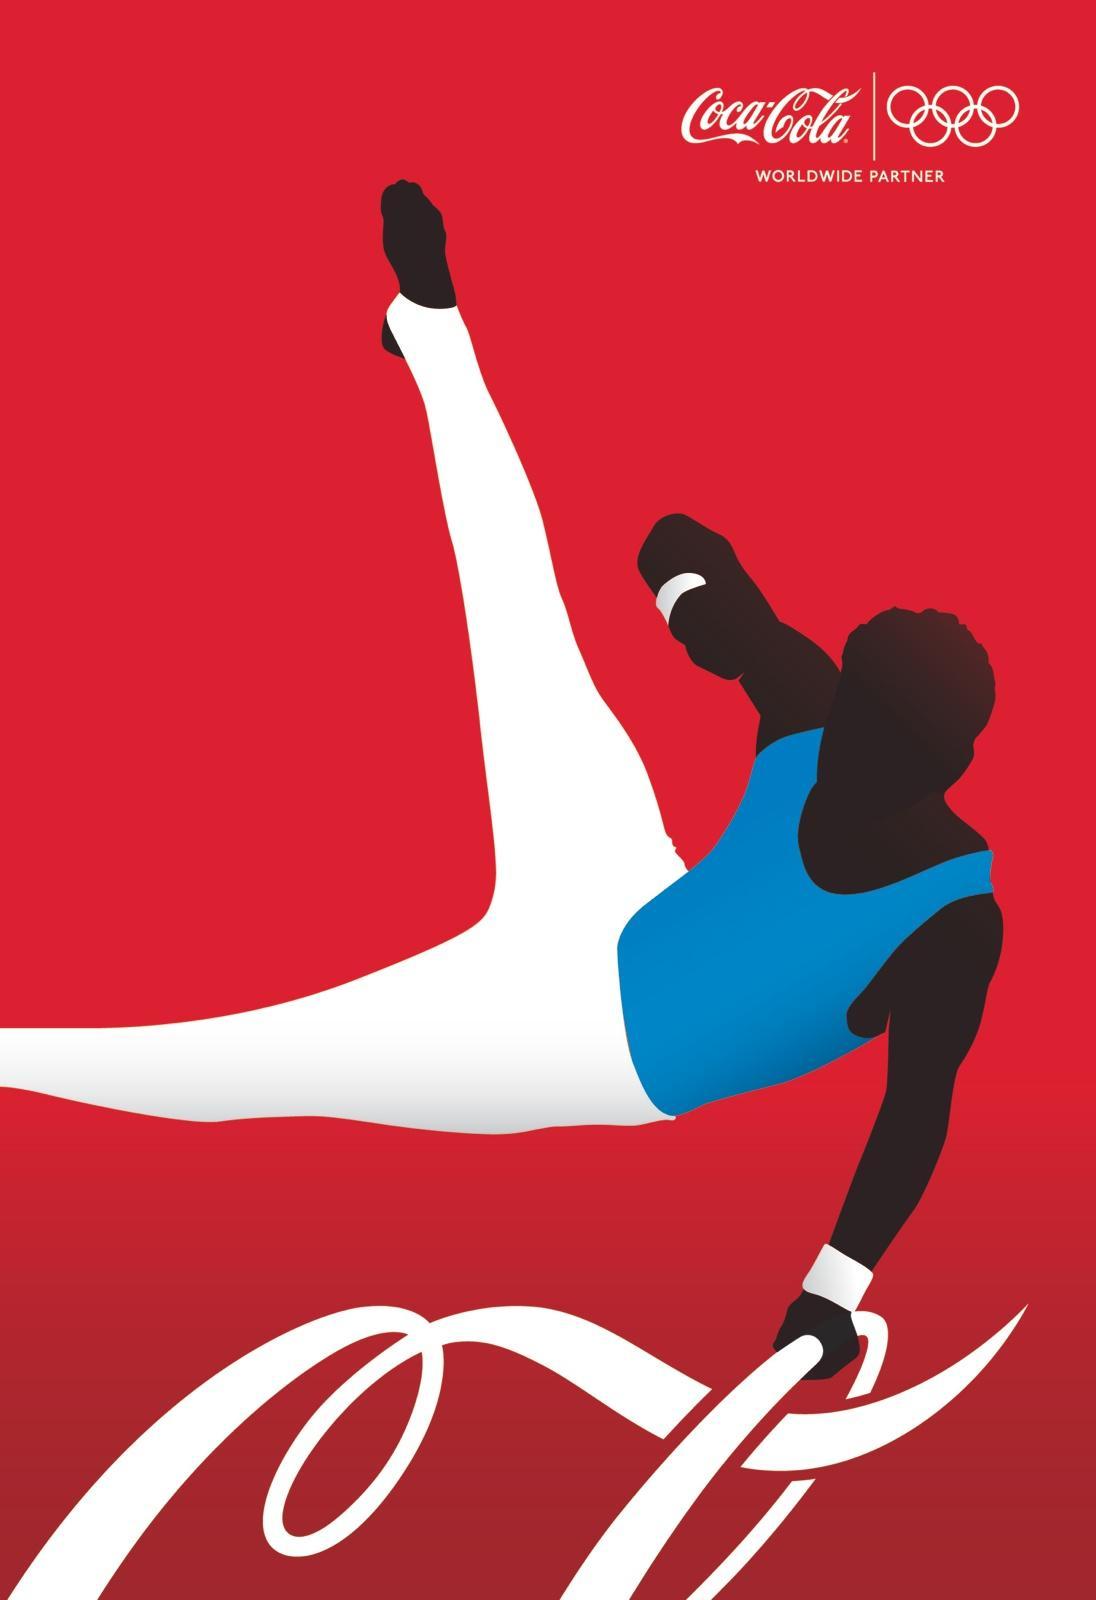 Coca-Cola Outdoor Ad -  Athletes, Artistic Gymnast